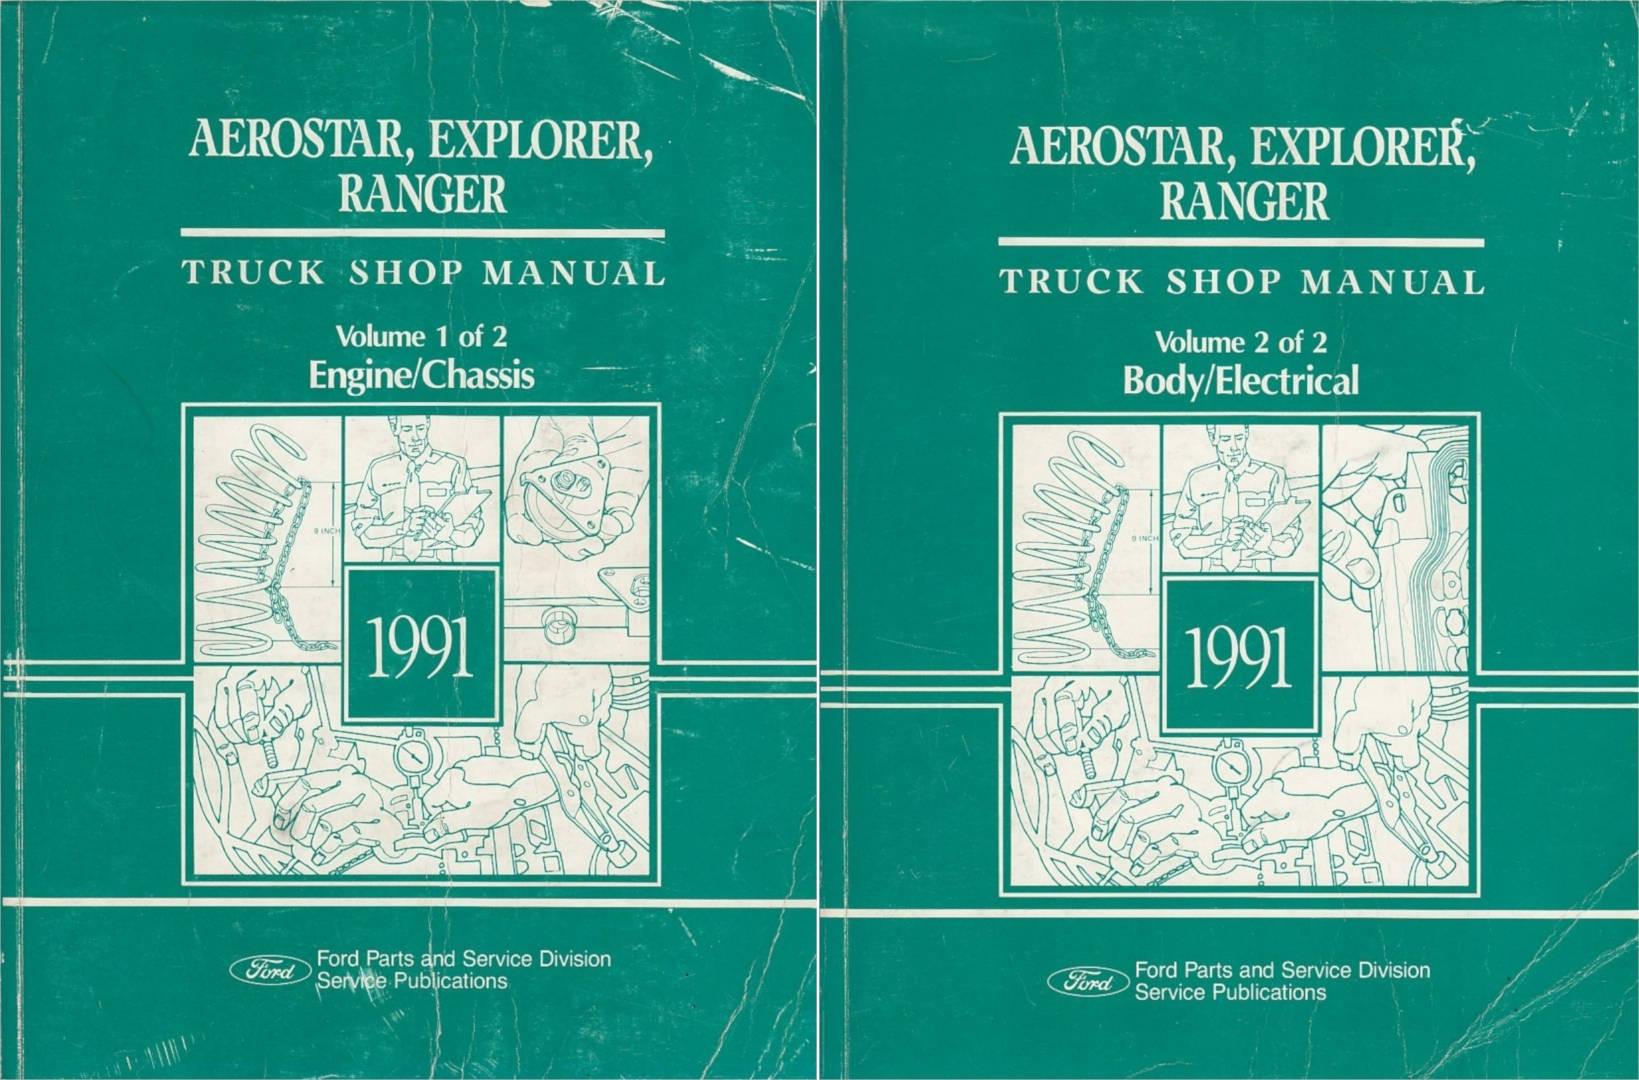 Ford Truck Shop Manual Aerostar Explorer Ranger 1991 Handbuch 2 Engine Wiring Schematic Teilig Fr 10990 Beim Tec Verlag